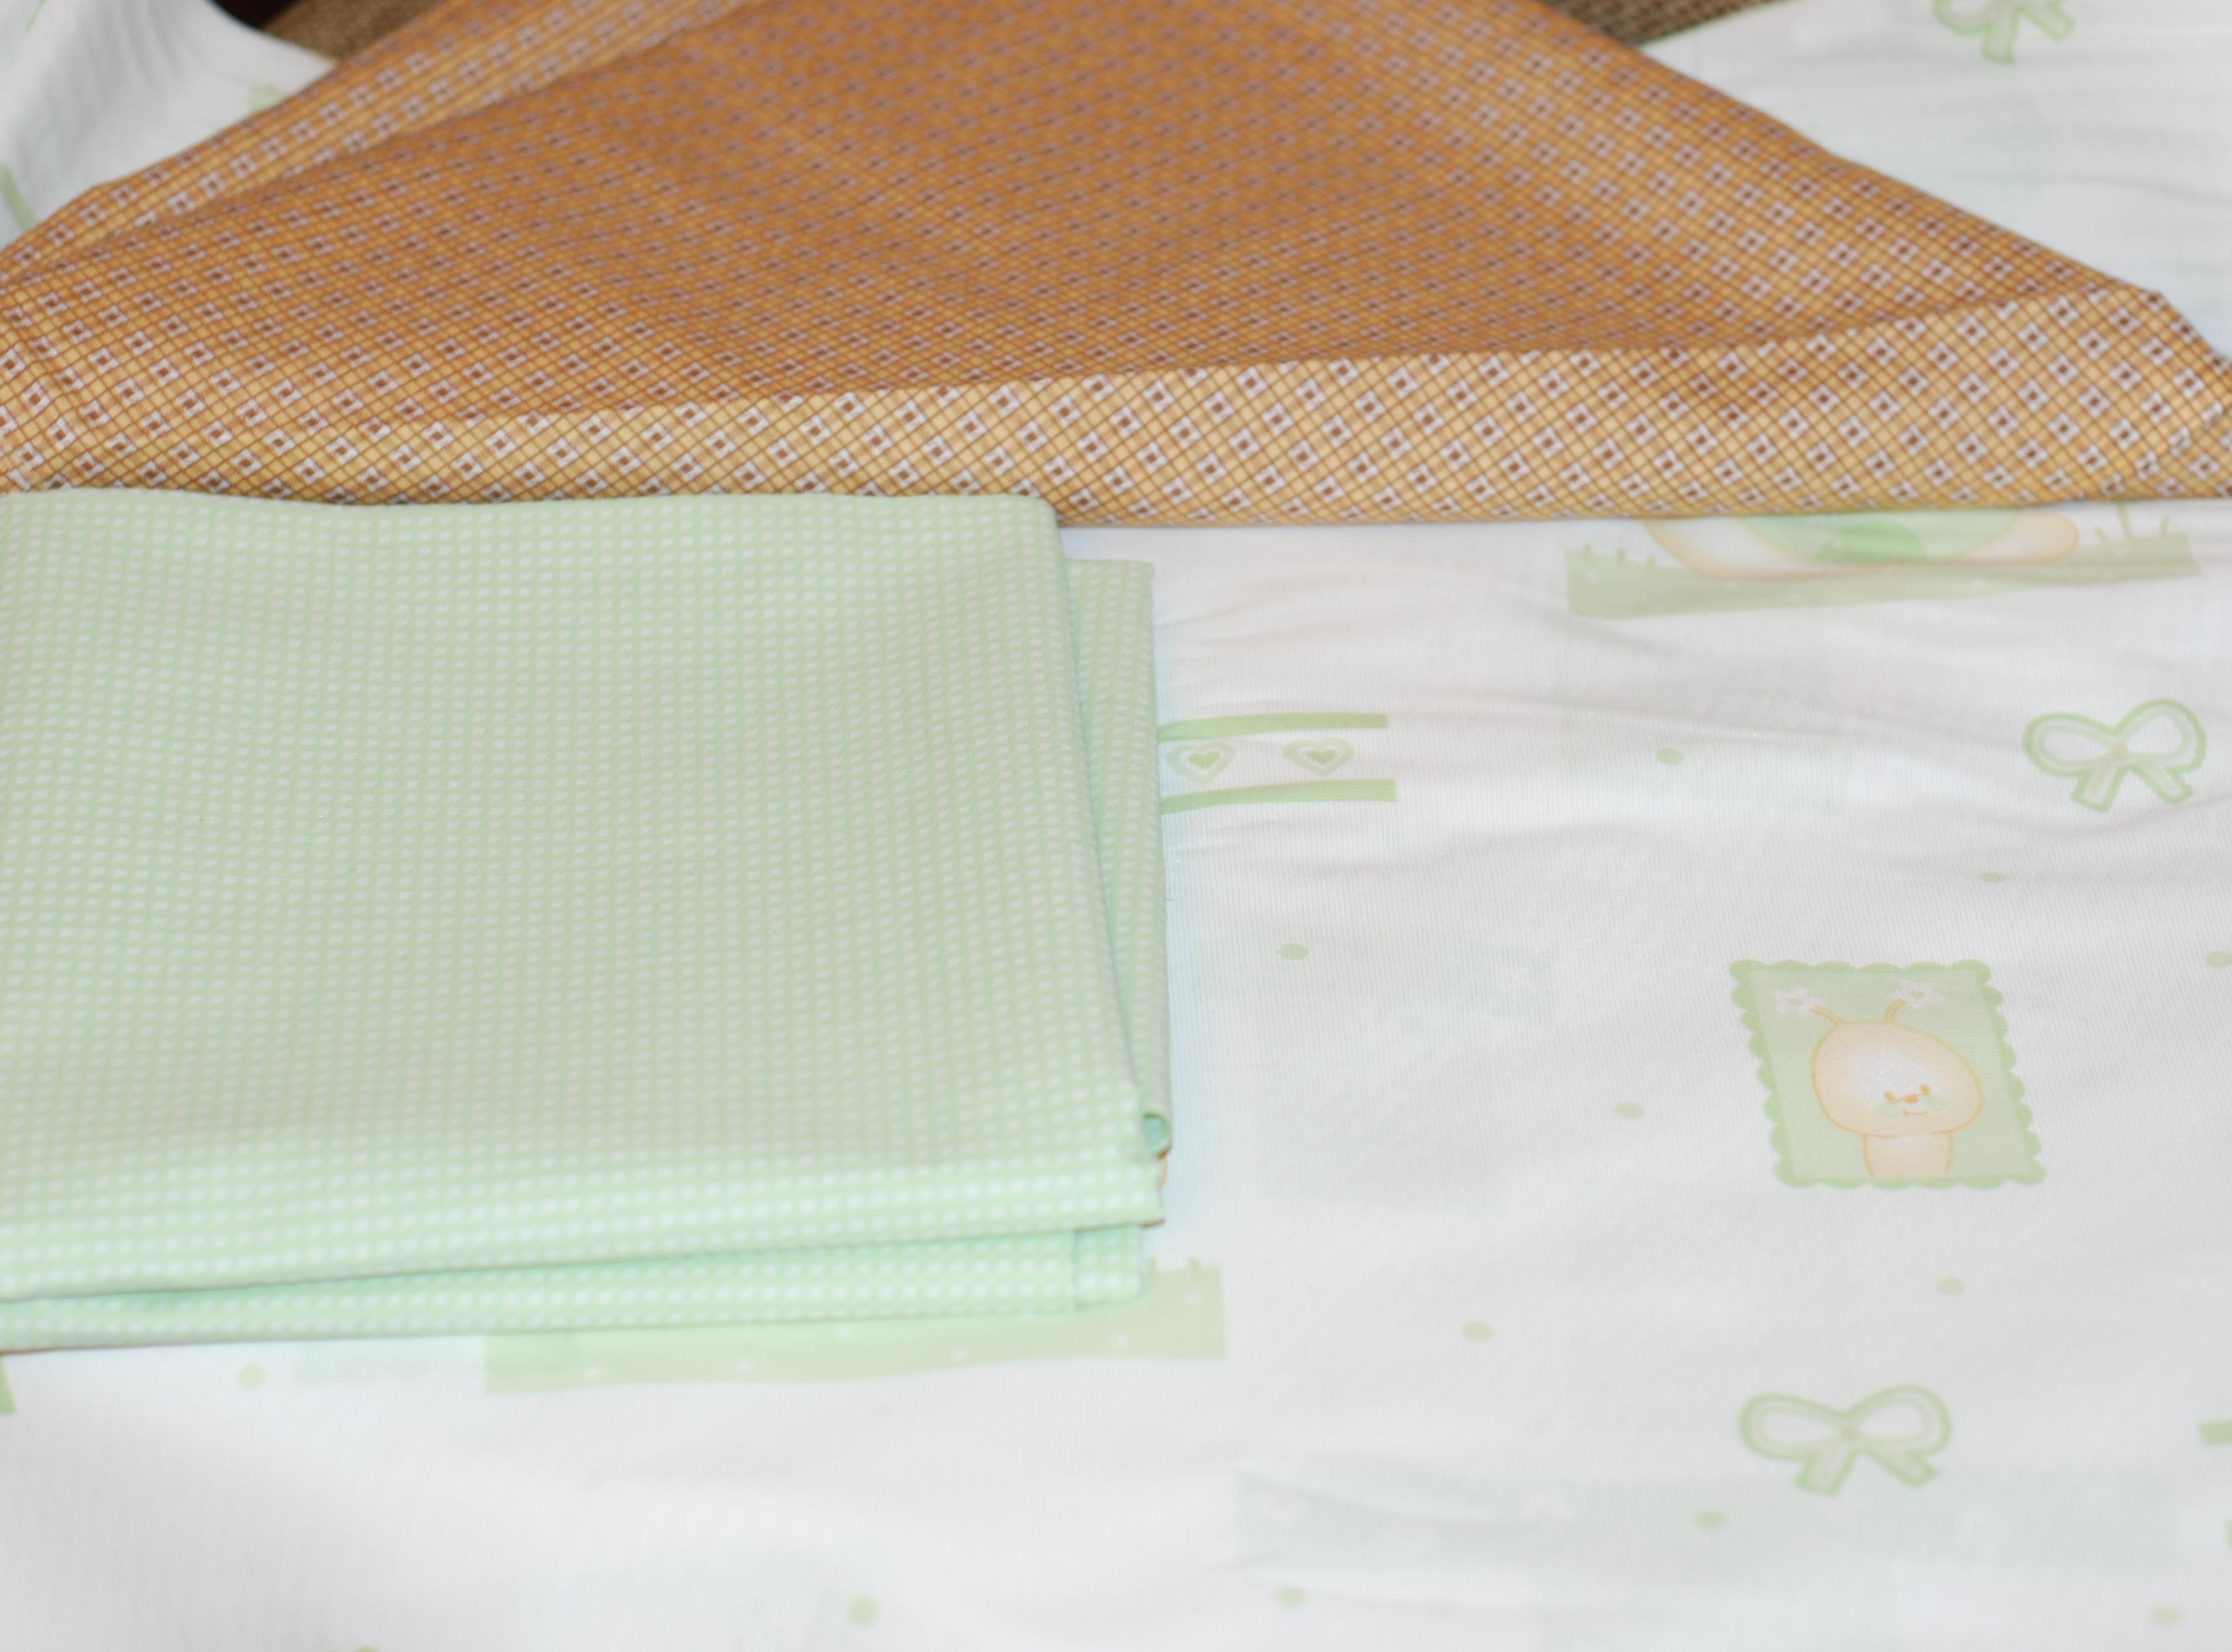 Как сделать ткань прорезиненной 7